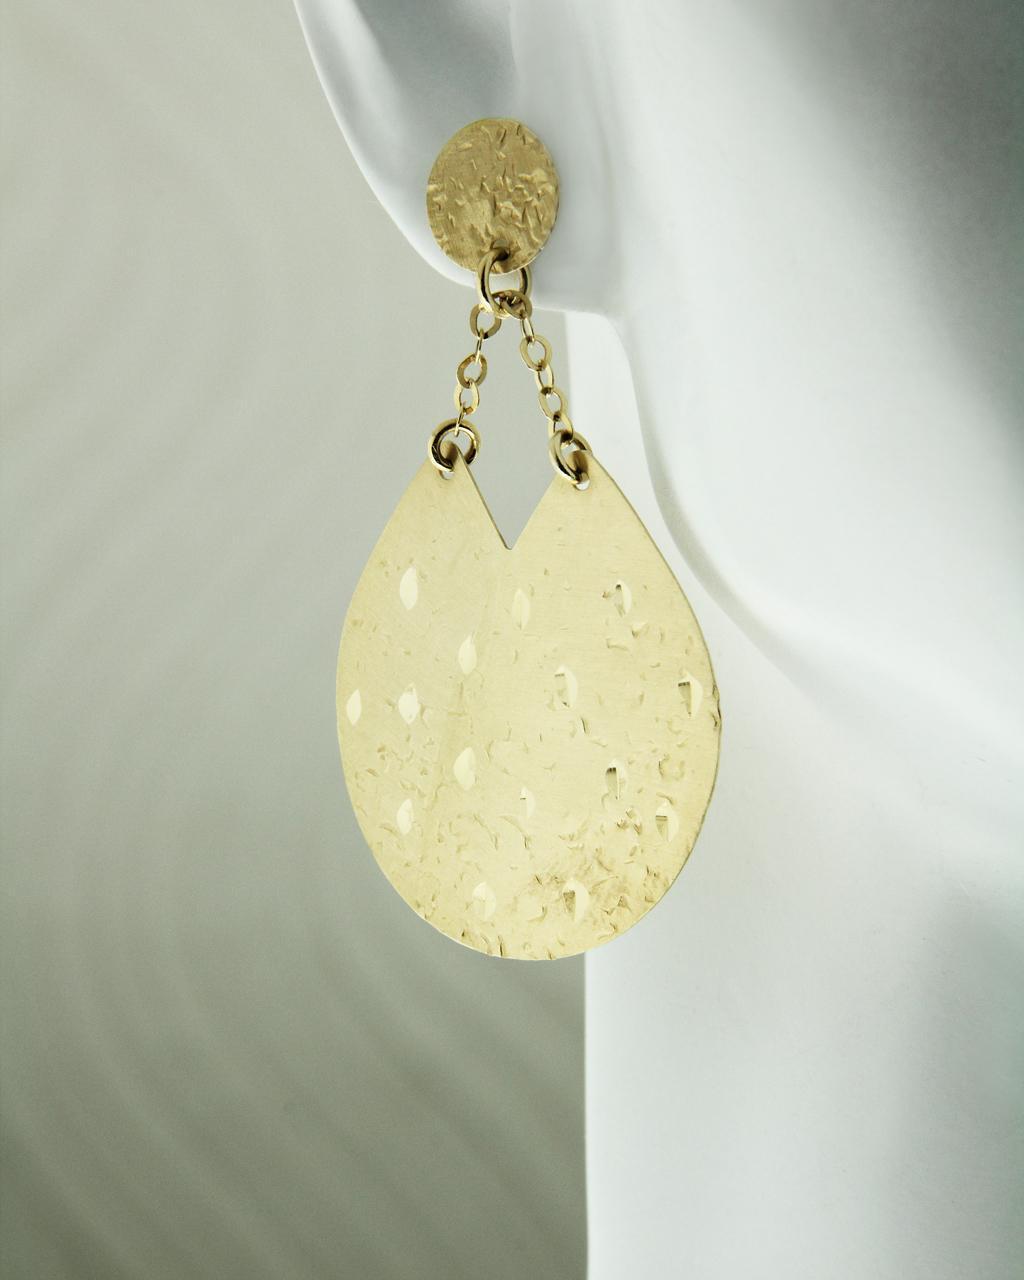 Σκουλαρίκια χρυσά Κ14   γυναικα σκουλαρίκια σκουλαρίκια χρυσά